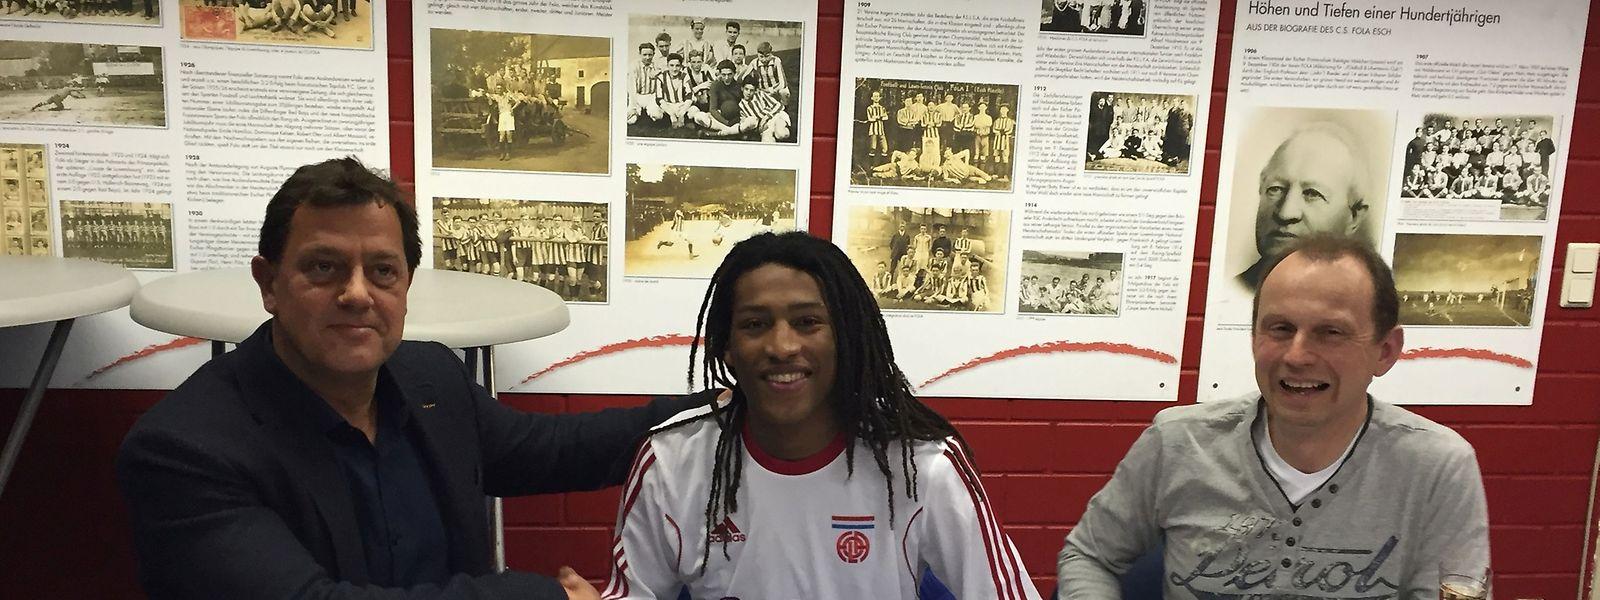 Gerson Rodrigues et les représentants du Fola avait signé un contrat de trois ans la semaine dernière.